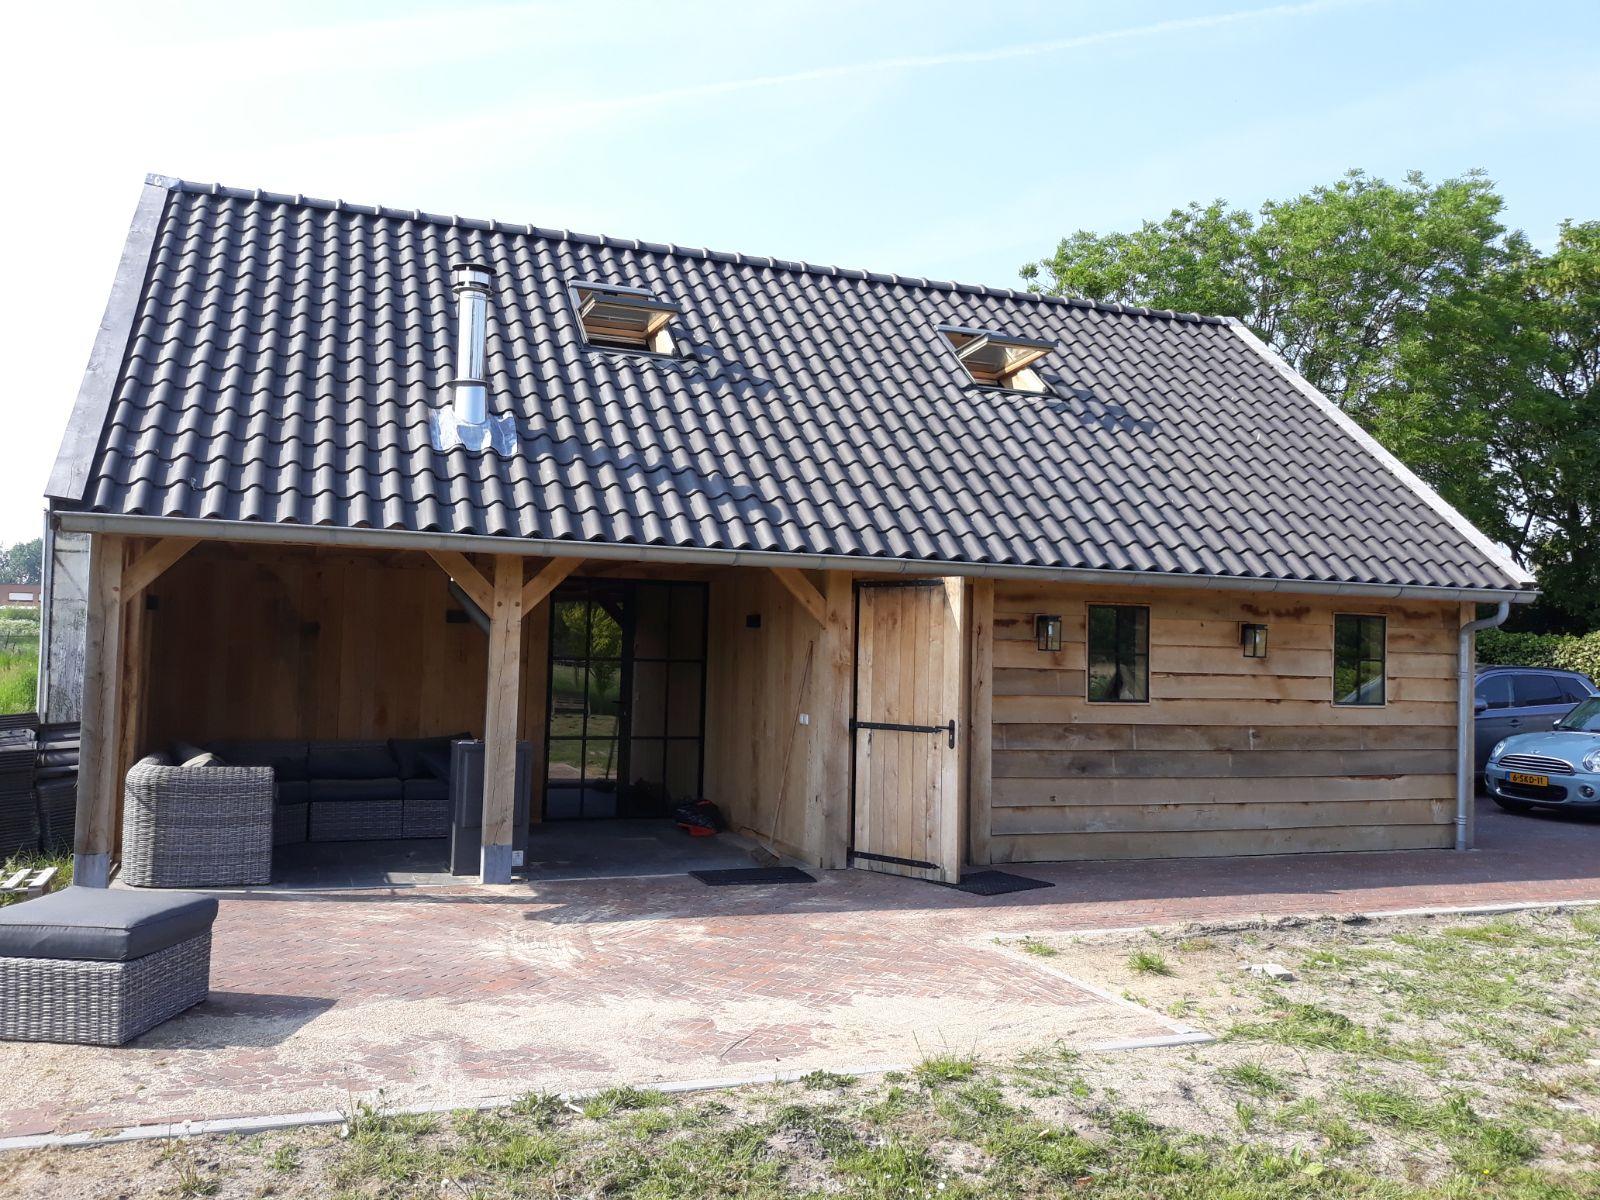 eiken-bijgebouw-2 - Project Maassluis: Eiken Recreatiewoning - Bijgebouw